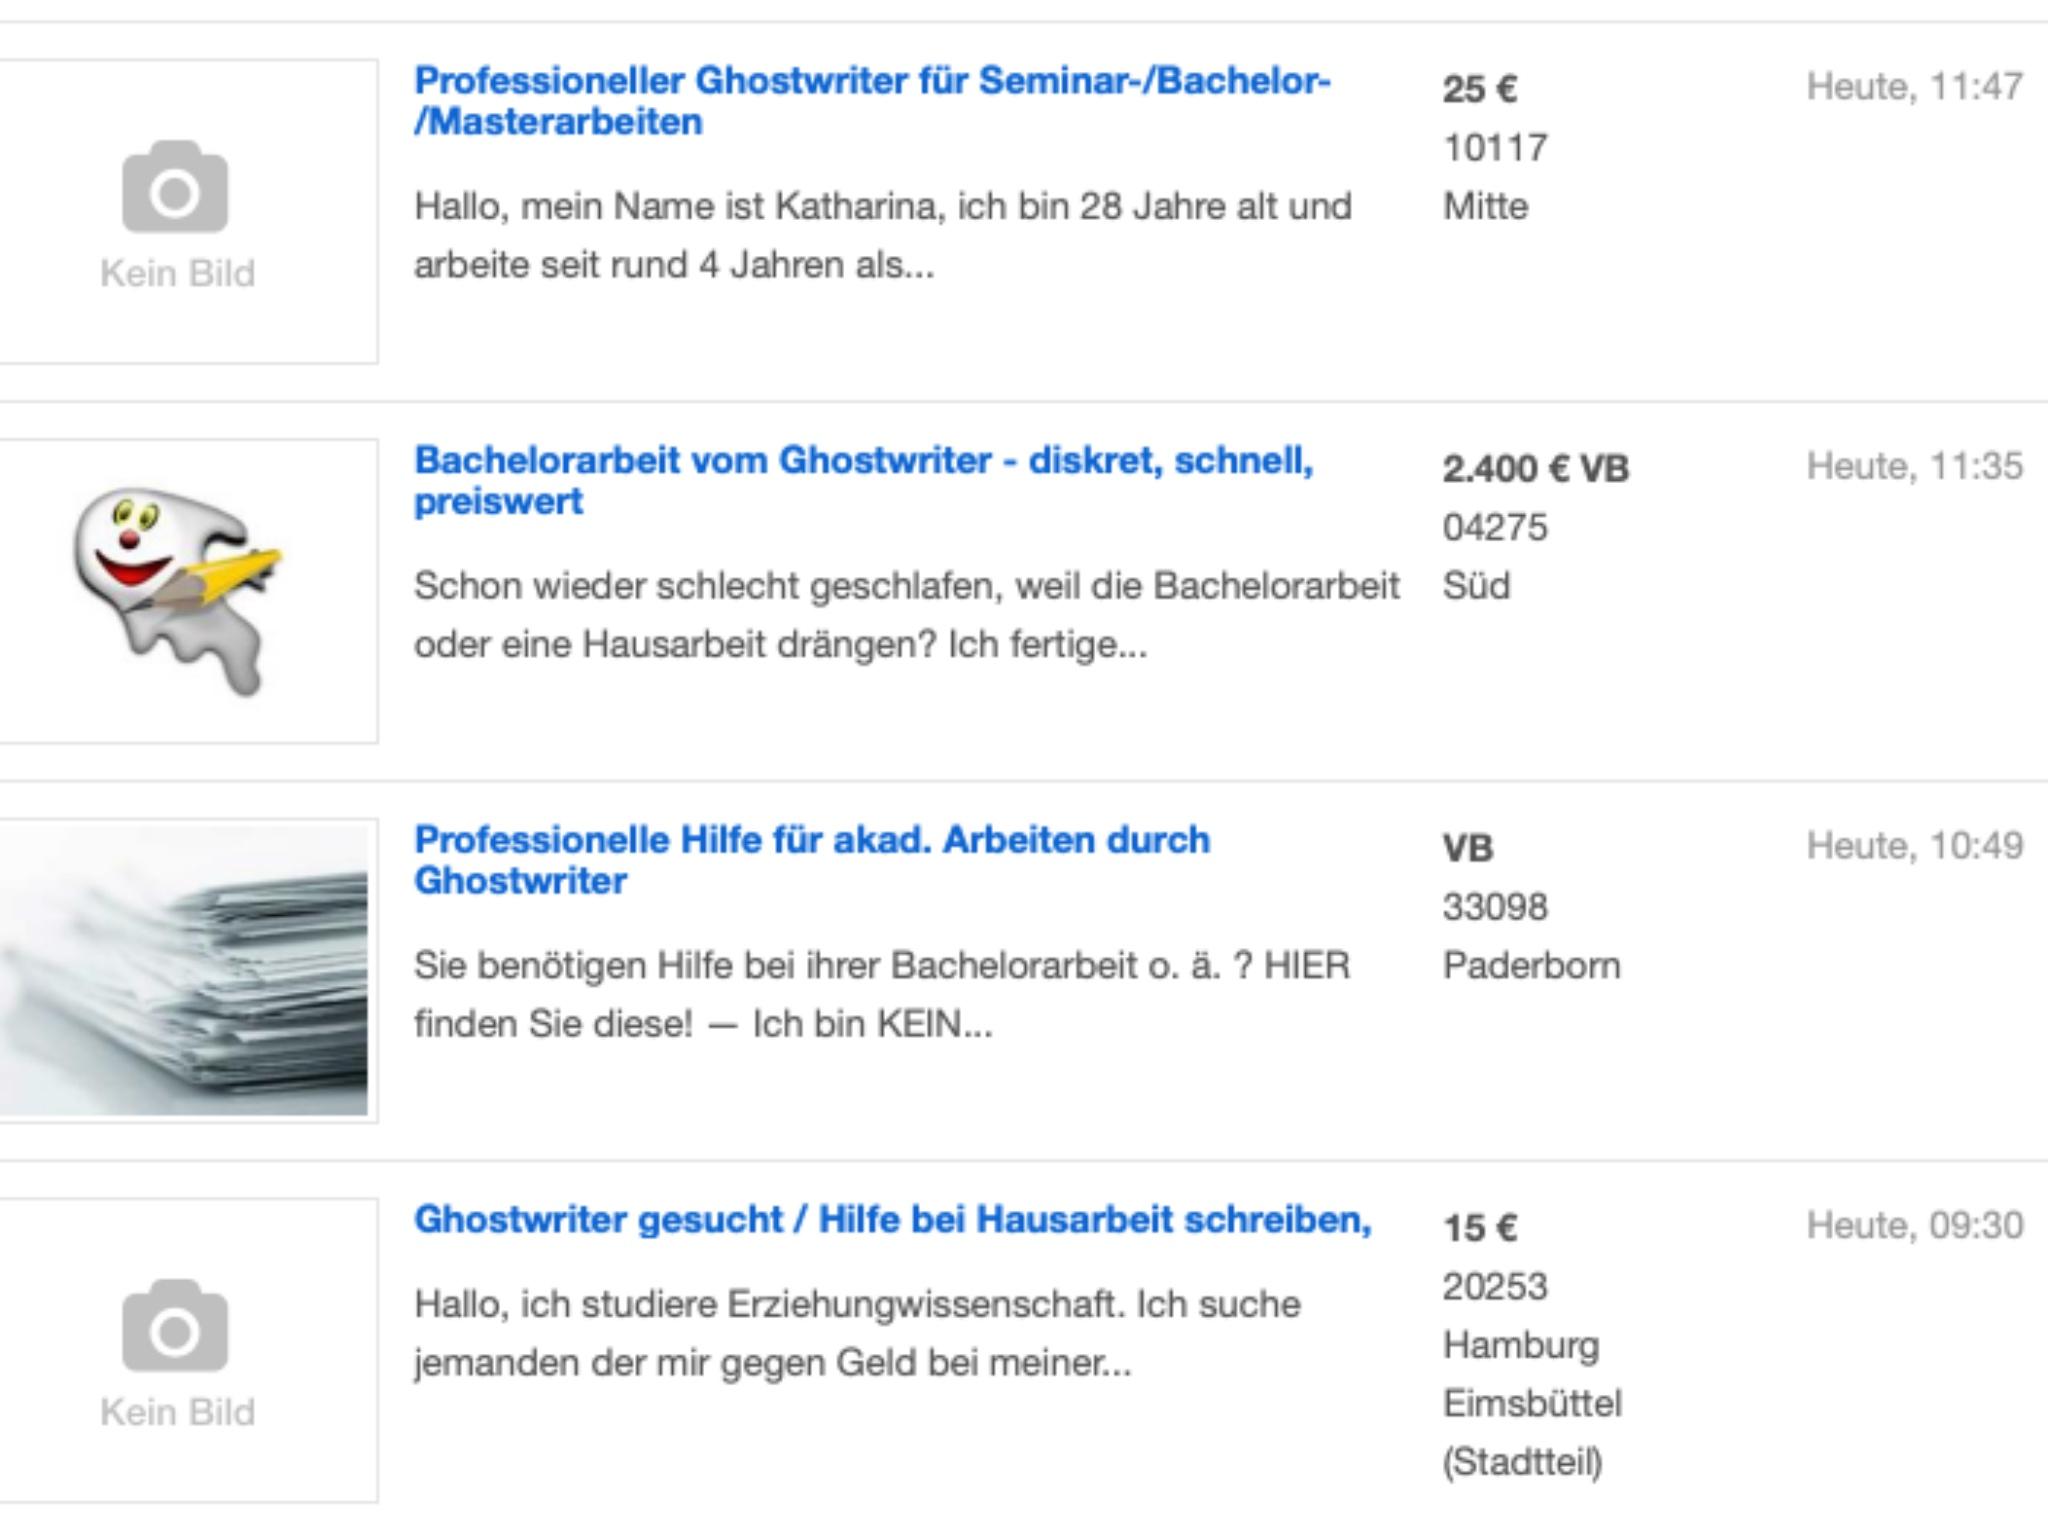 Auf Ebay Kleinanzeigen gibt es jeden Tag neue Anzeigen im Hinblick auf Angebote für und von Ghostwritern. Foto: Annika Betz.